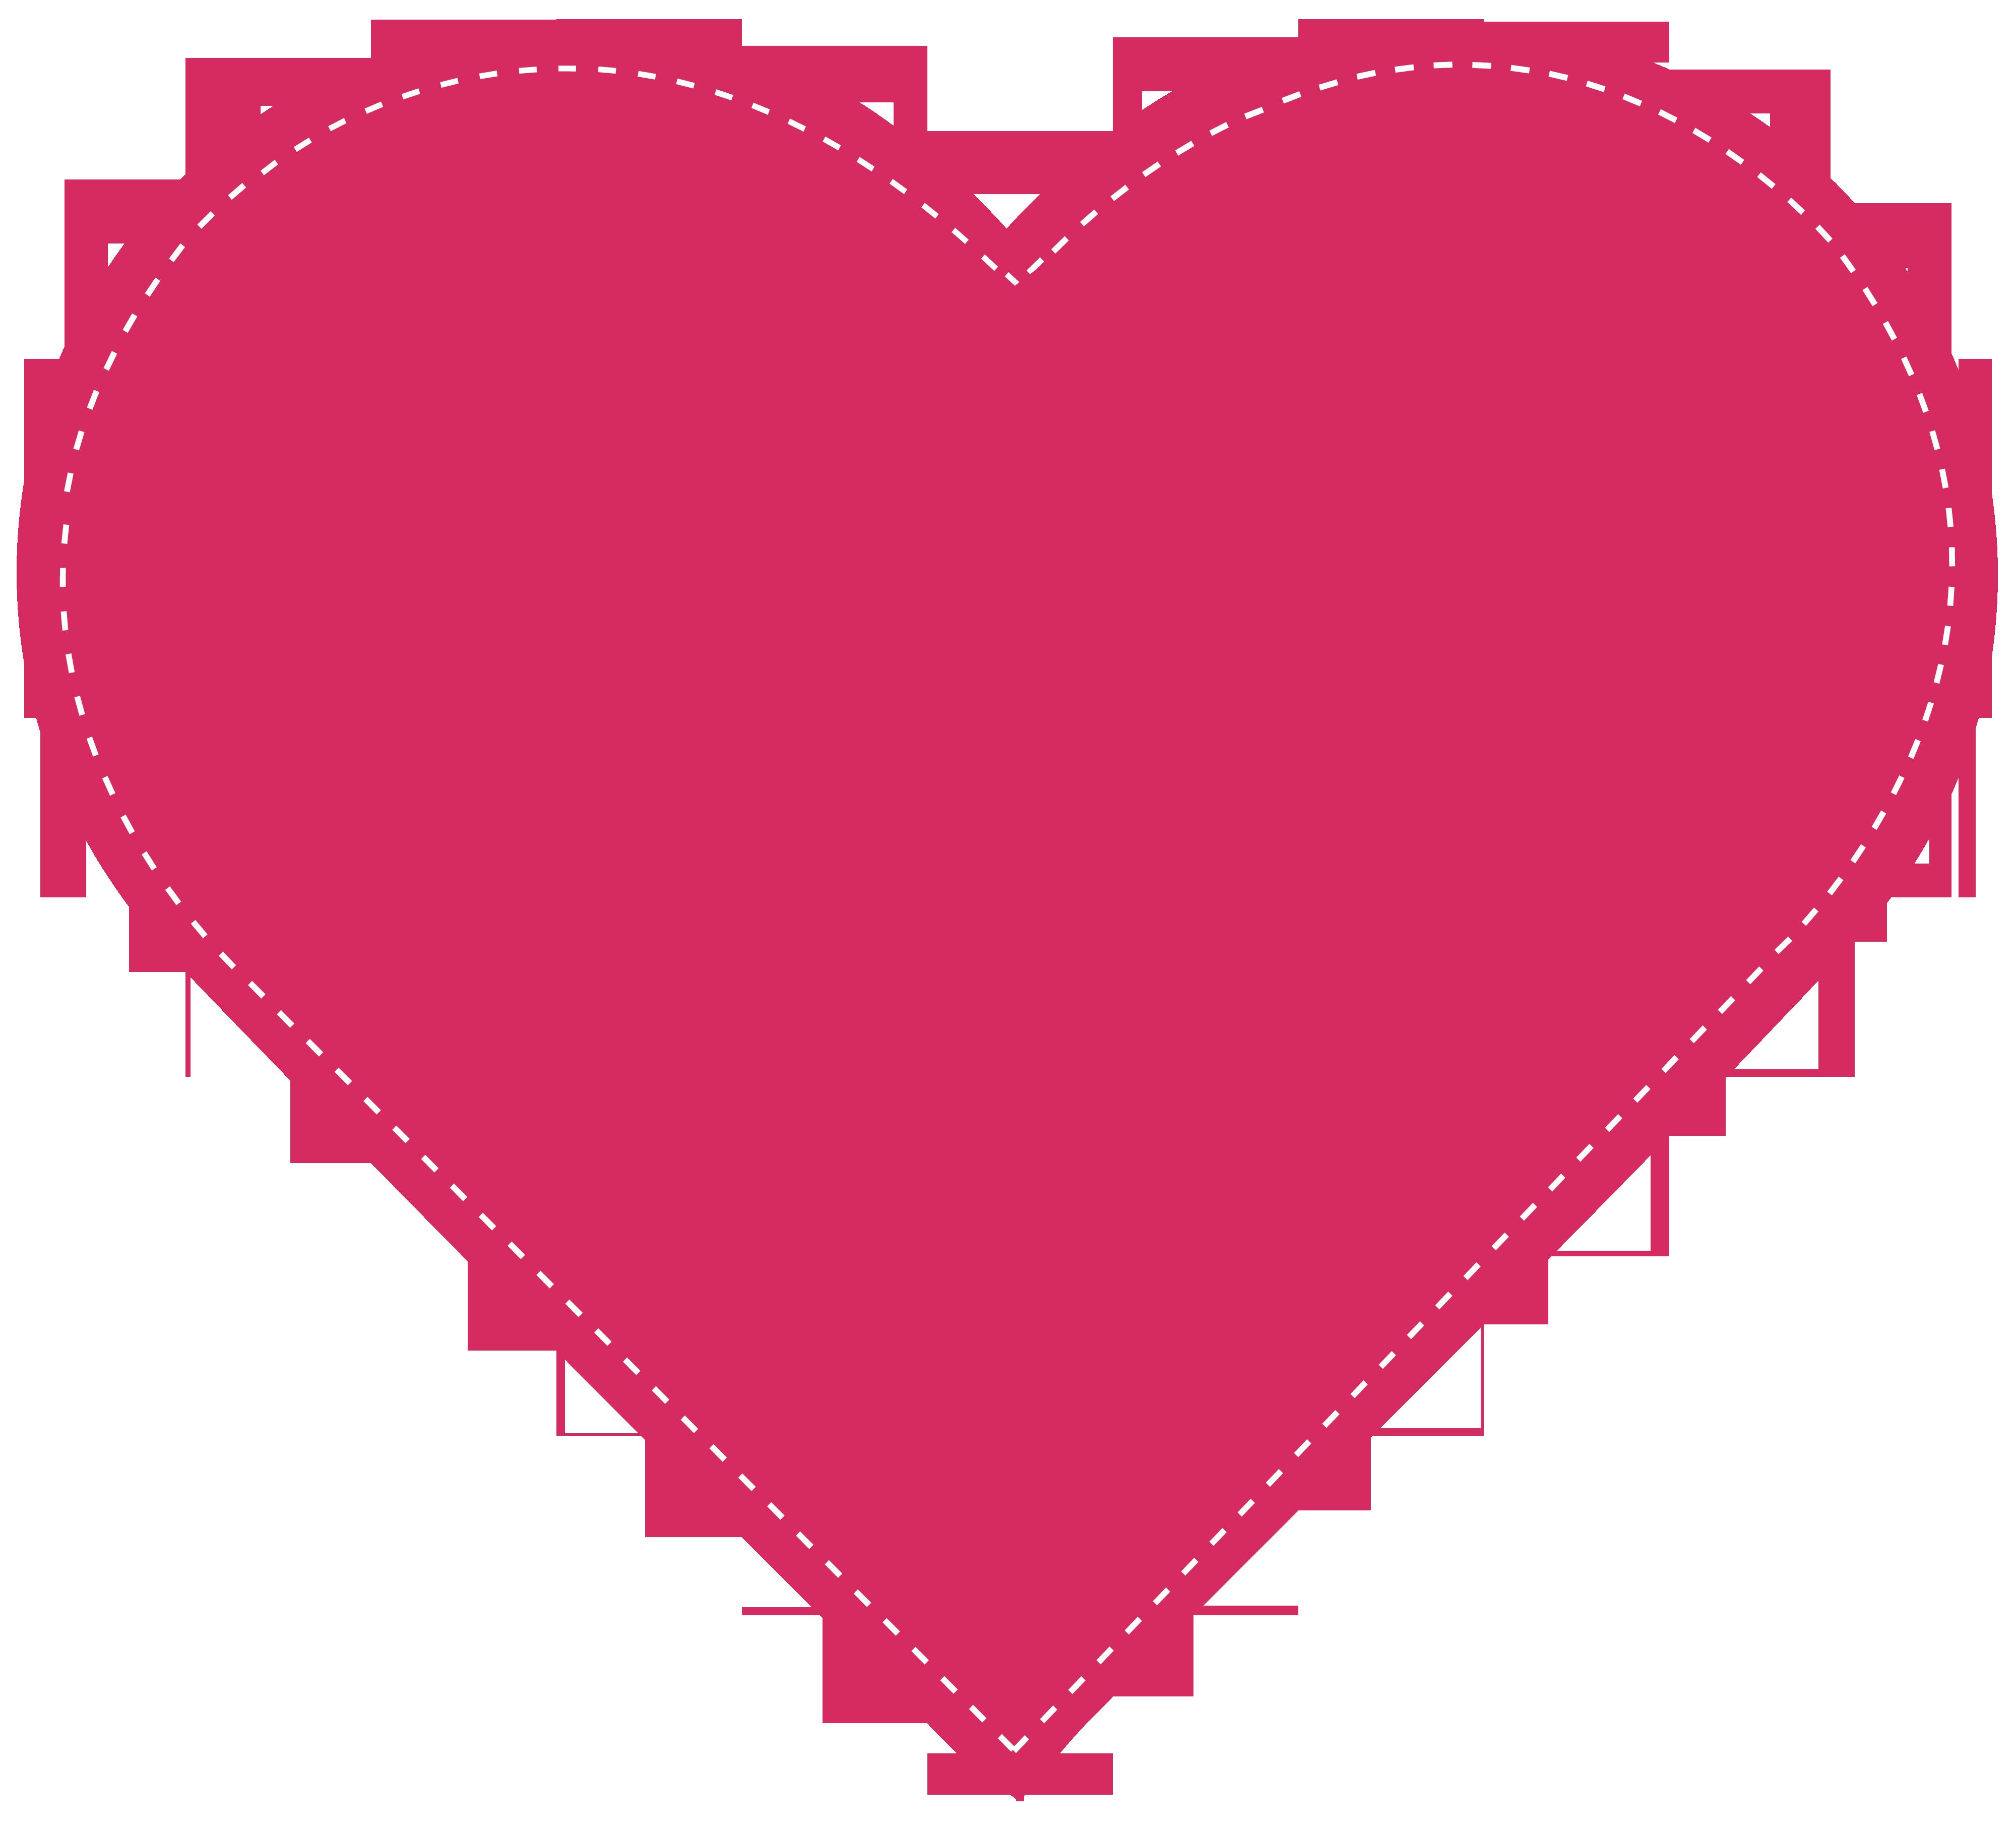 Heart PNG-PlusPNG.com-4000